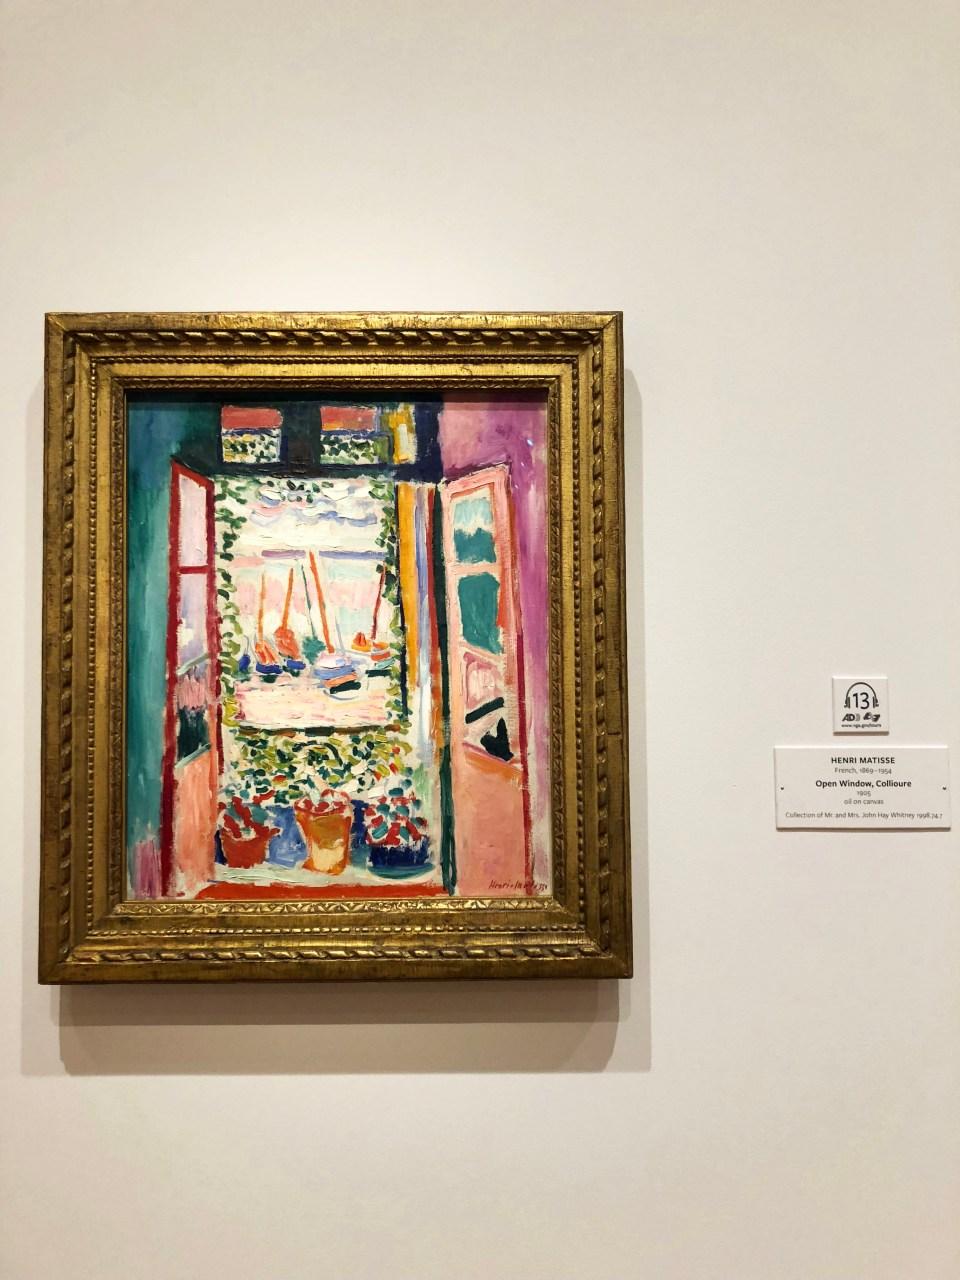 National Gallery of Art - Matisse - Open Window, Collioure